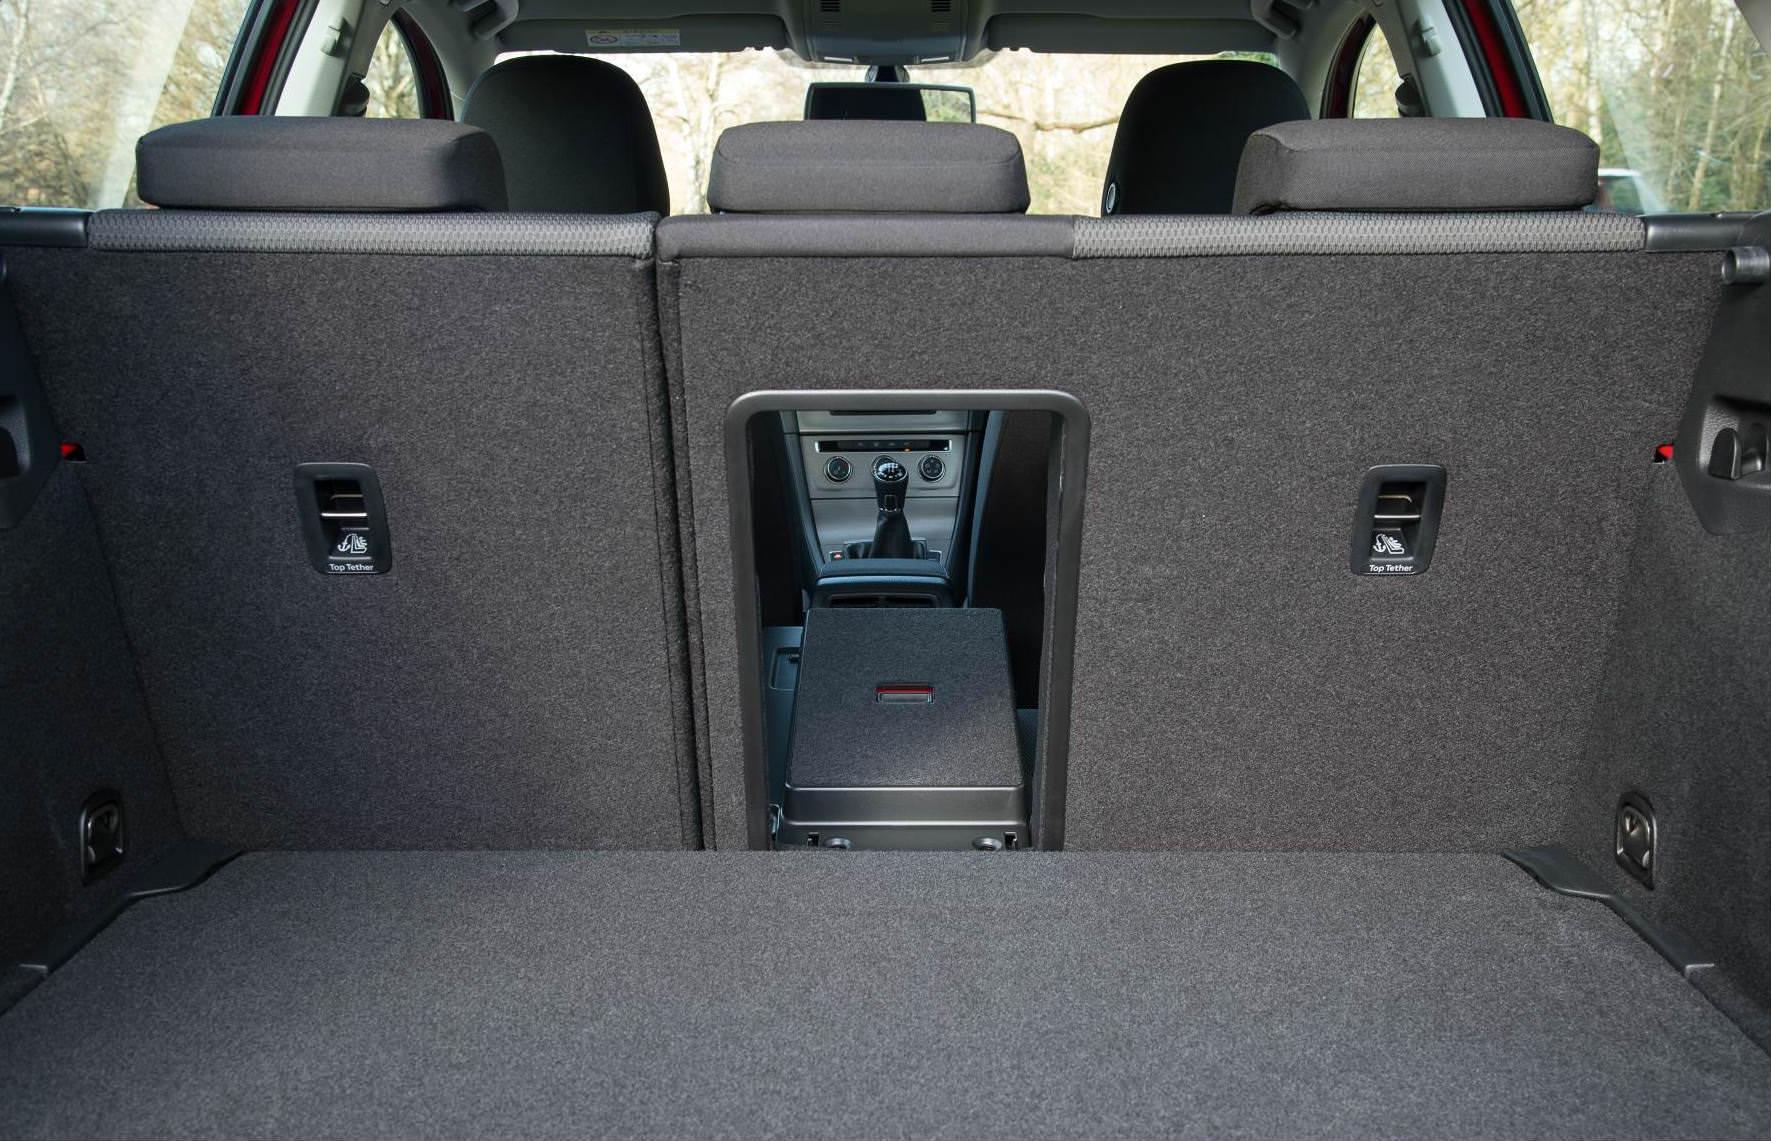 Volkswagen Golf mk7 boot space is 380 litres